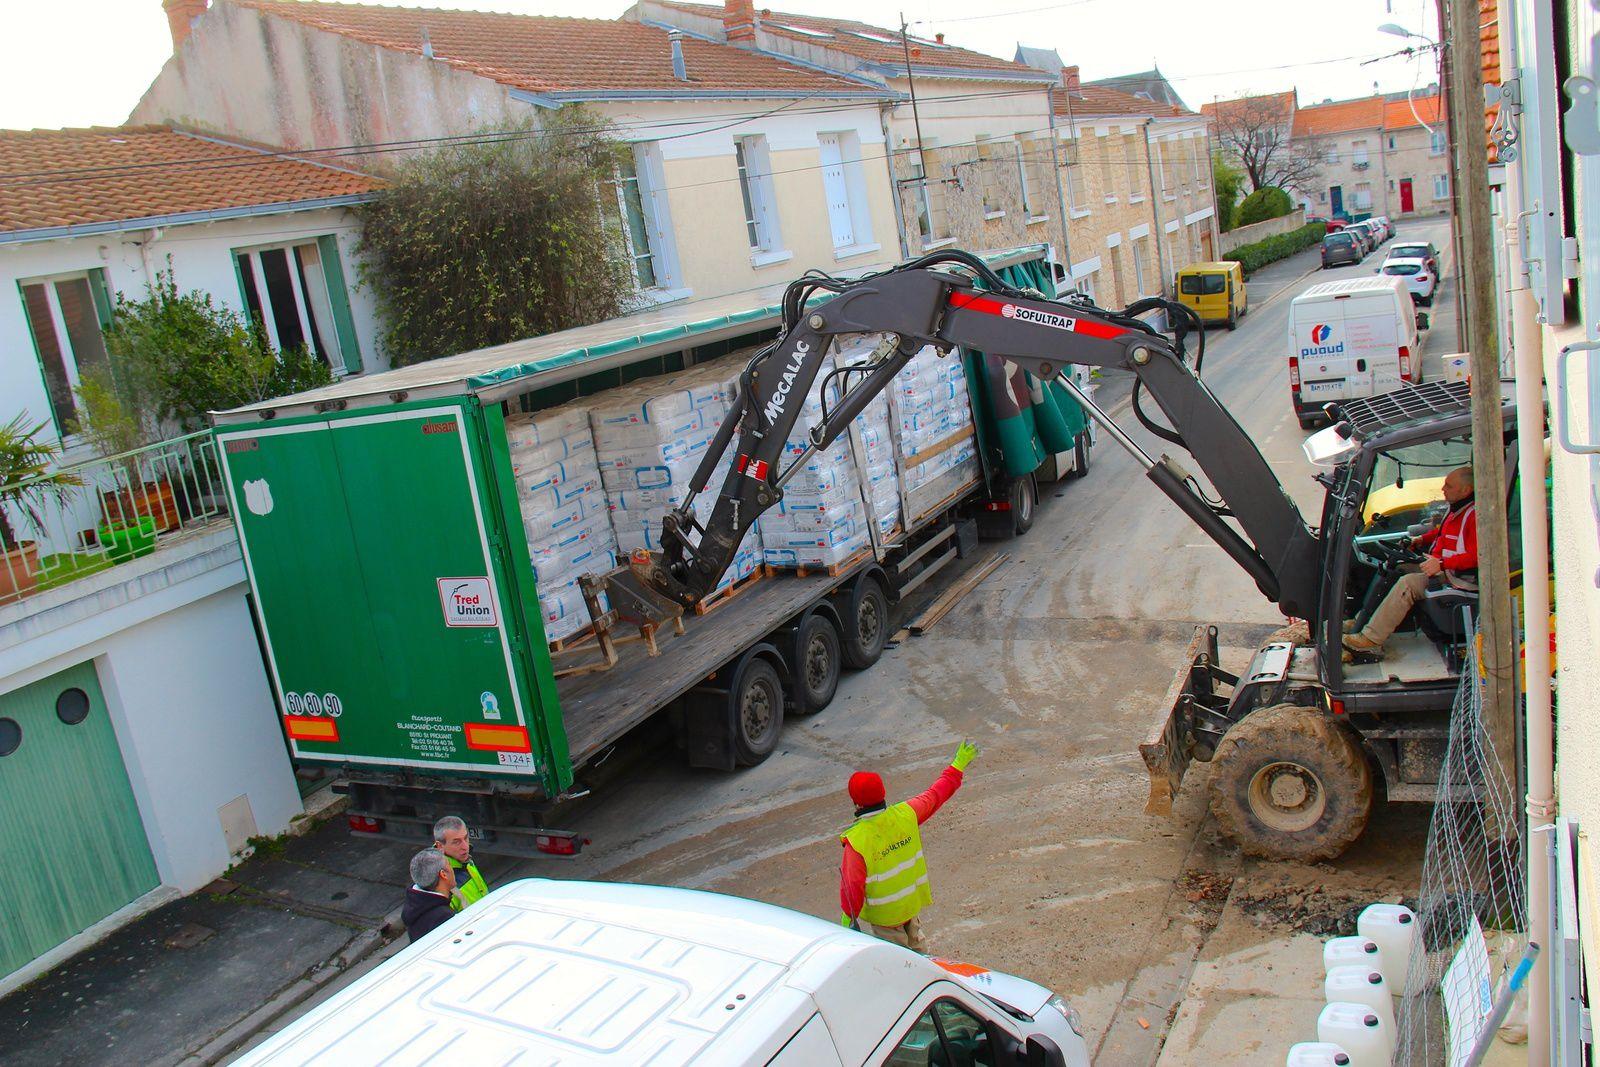 Et bien oui, cette action (photo du déchargement) s'est effectuée en laissant la rue en libre circulation. Pourquoi s'en priver ?